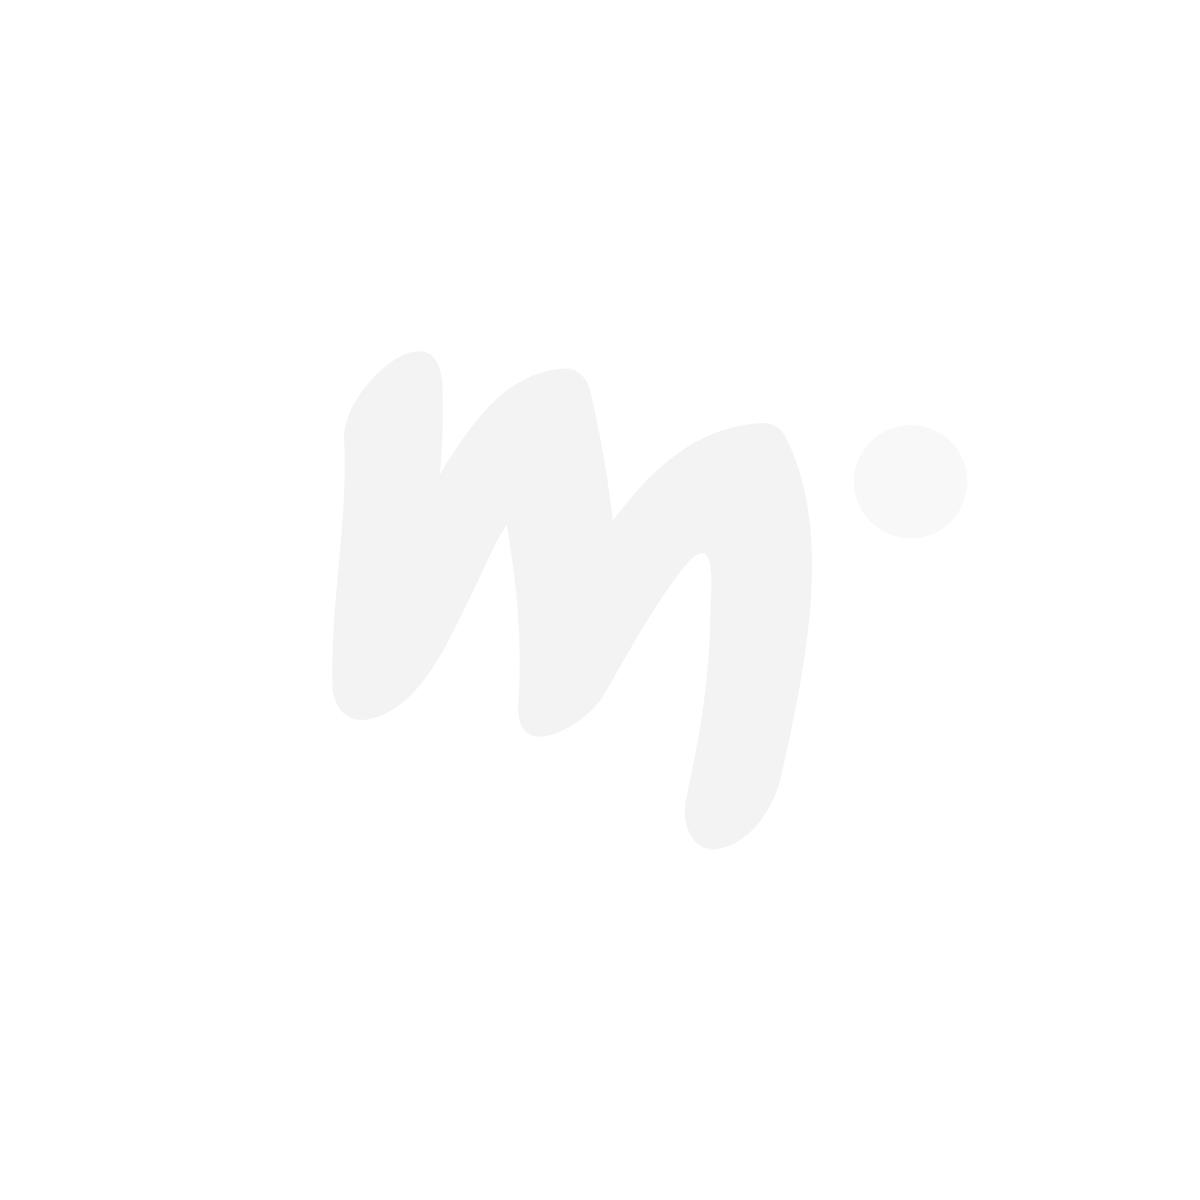 Peppi Pitkätossu Huvikummussa mekko valkoinen | Martinex